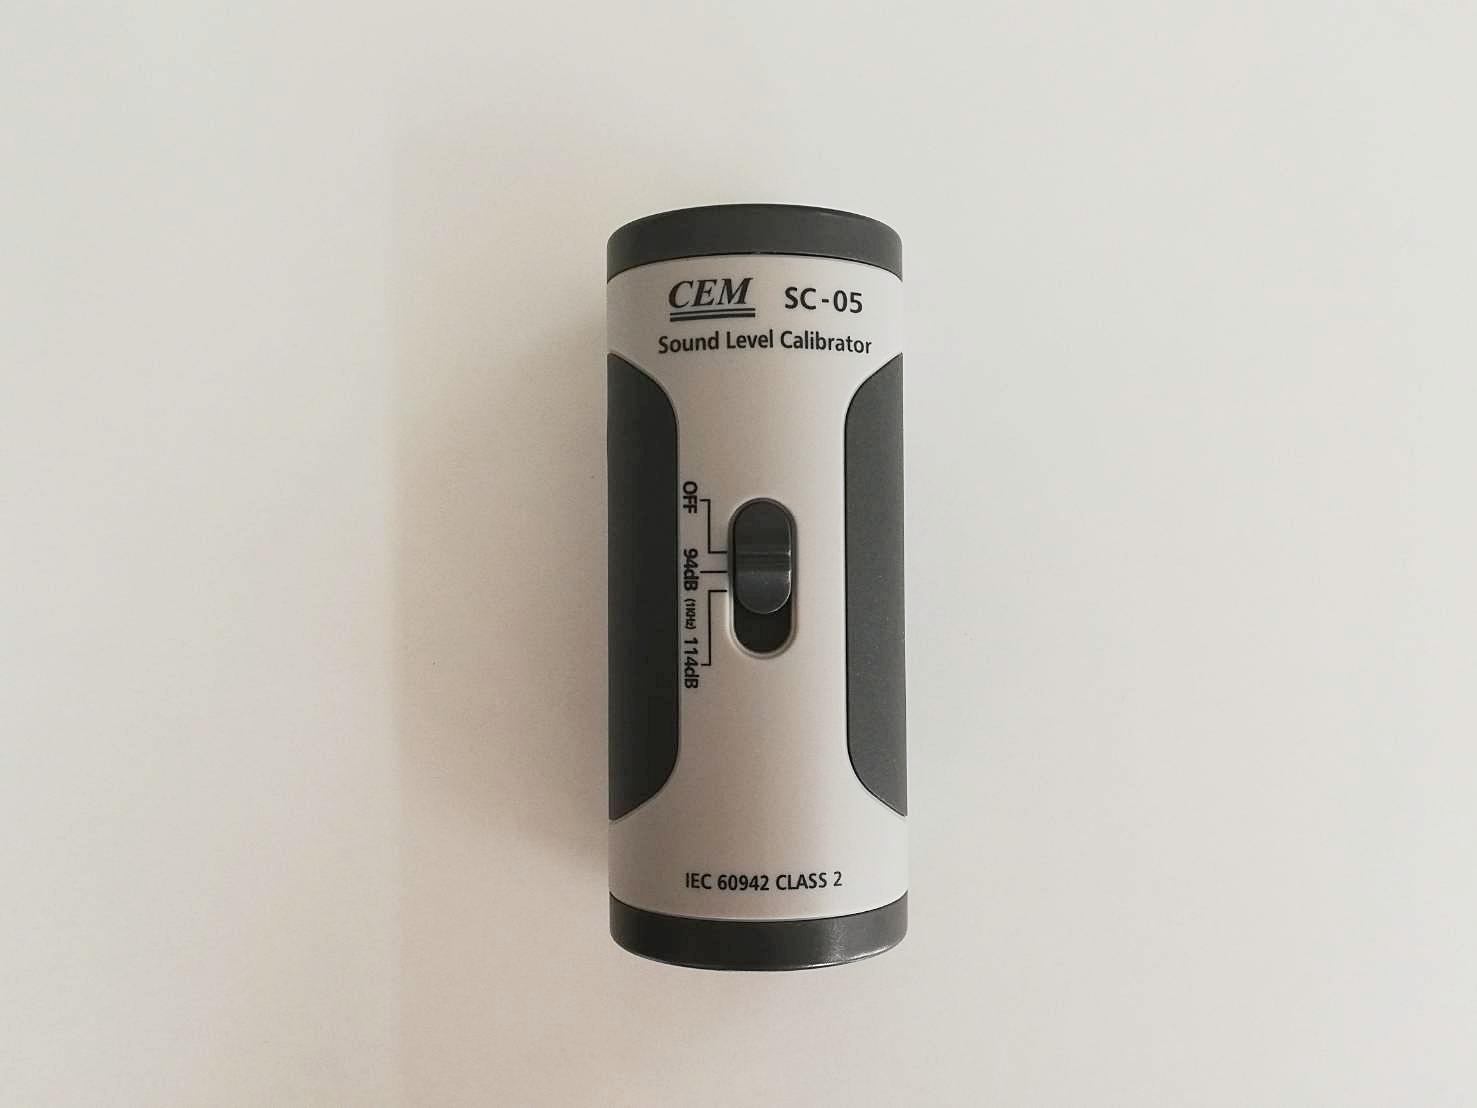 เครื่องเปรียบเทียบระดับเสียง CEM SC-05